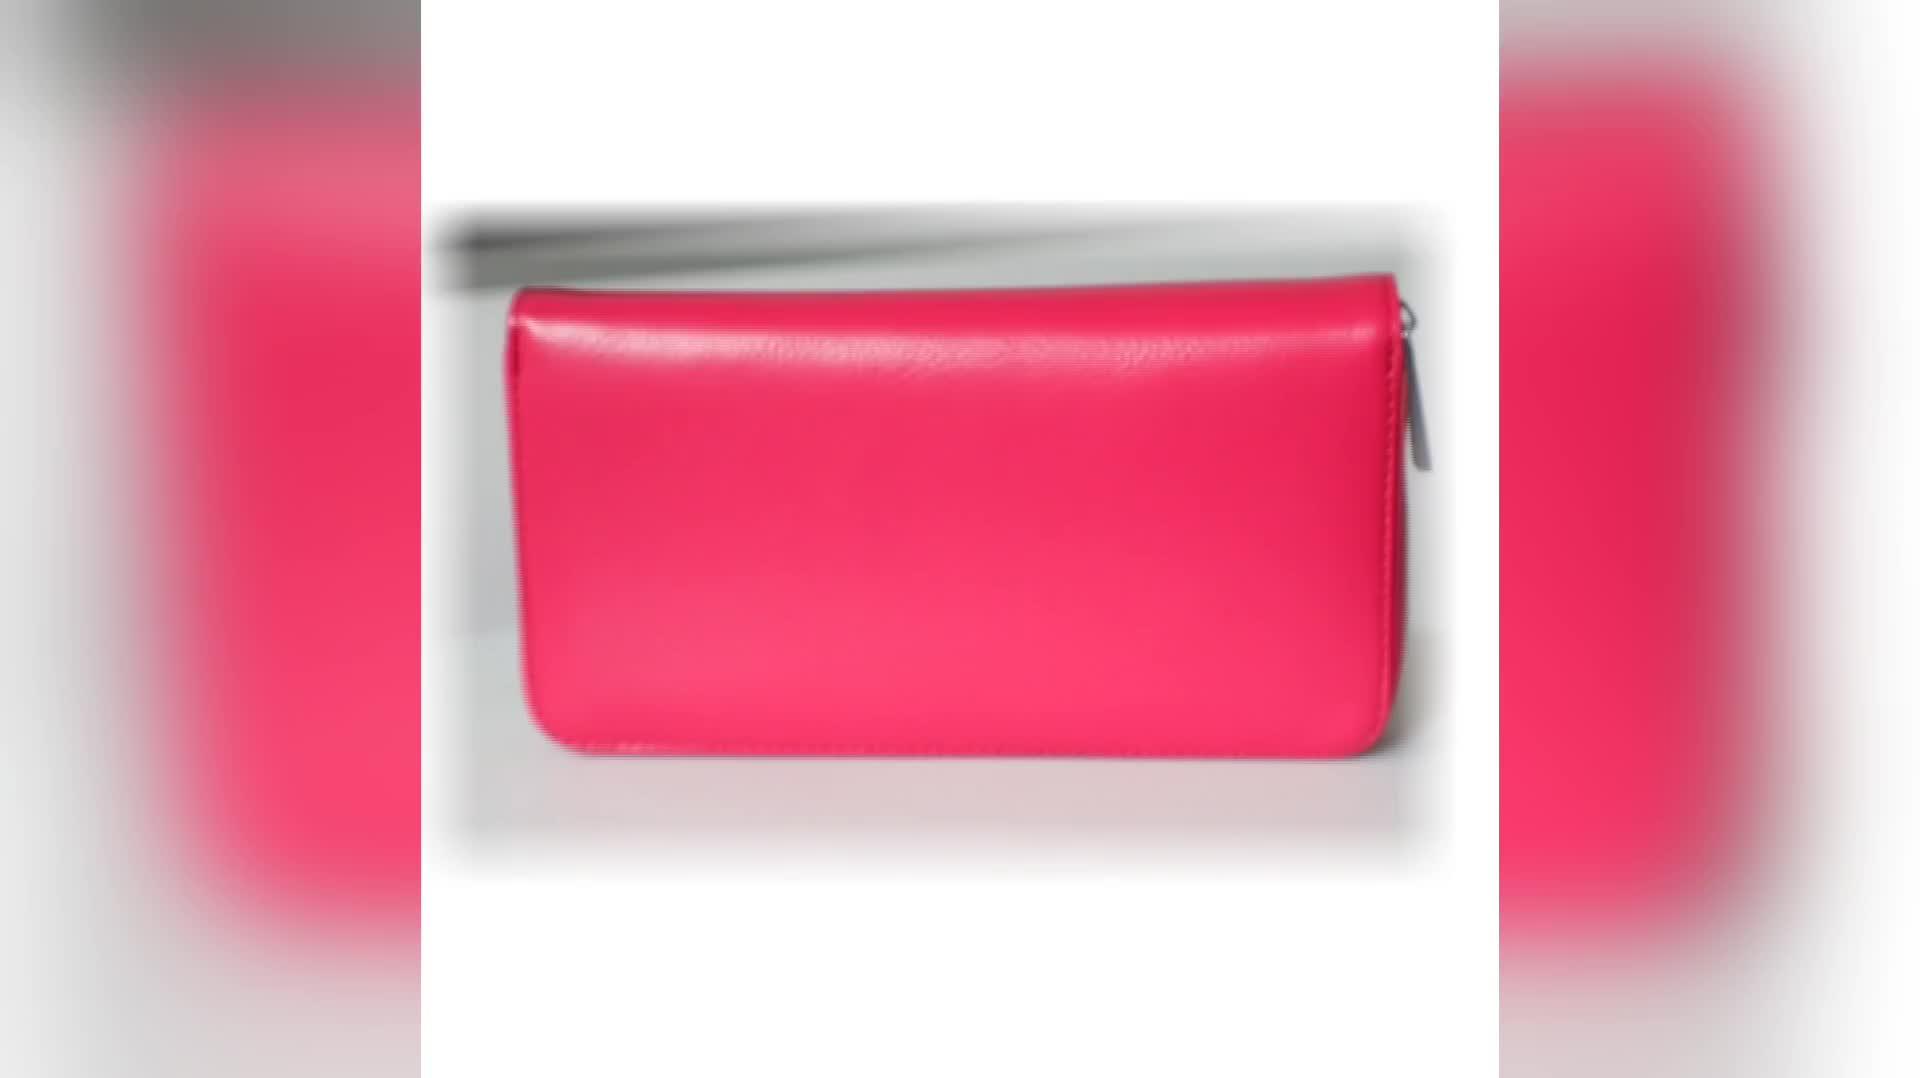 Estanla 本革財布女性のクレジットカードケースハンドバッグ Rfid ブロッキング 36 スロット